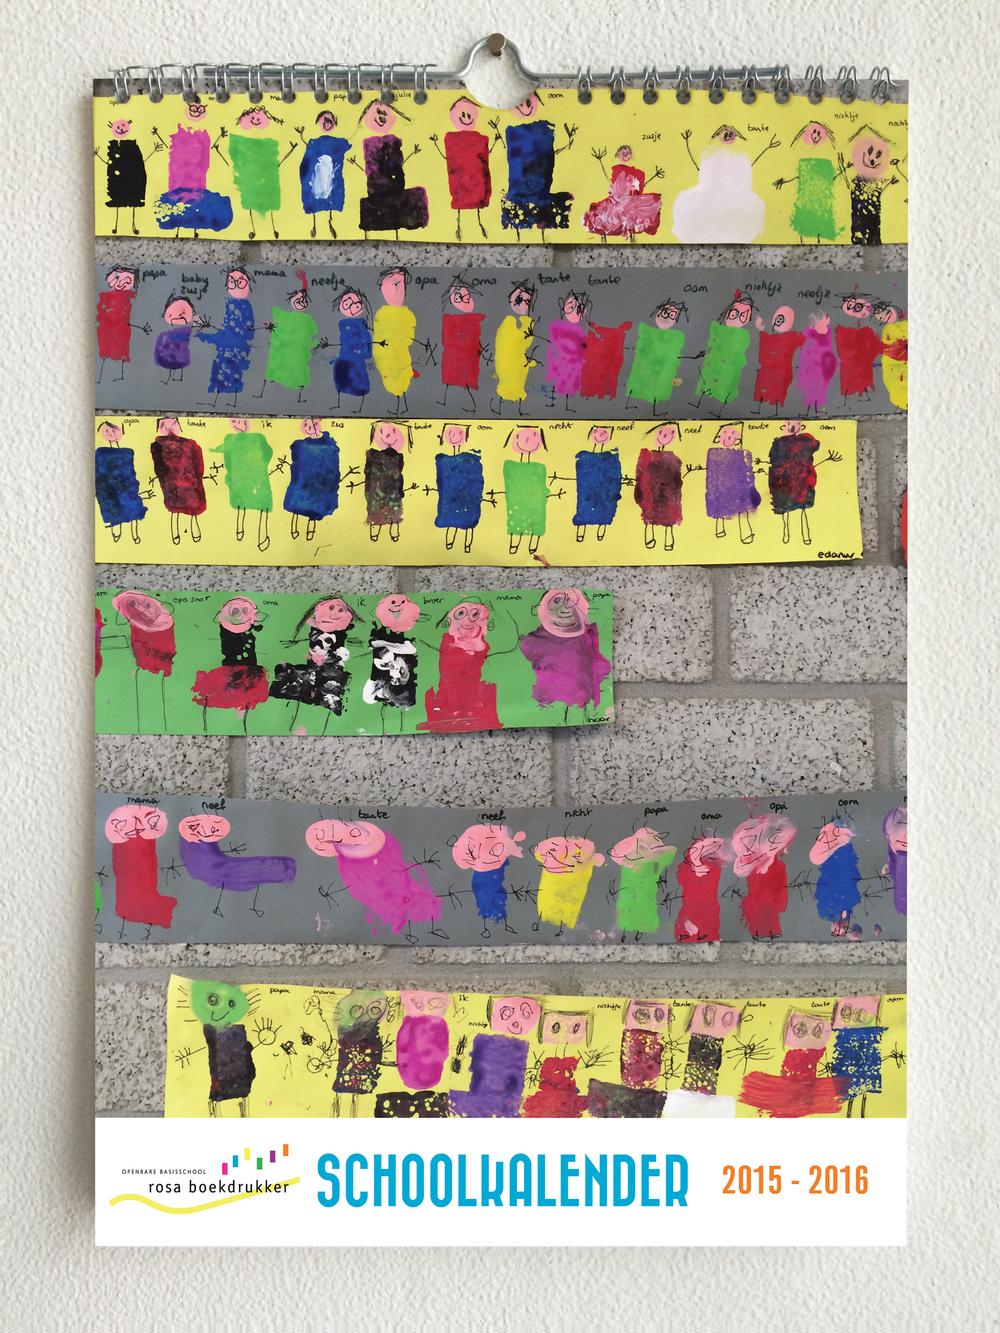 schoolkalender-2015-2016.jpg